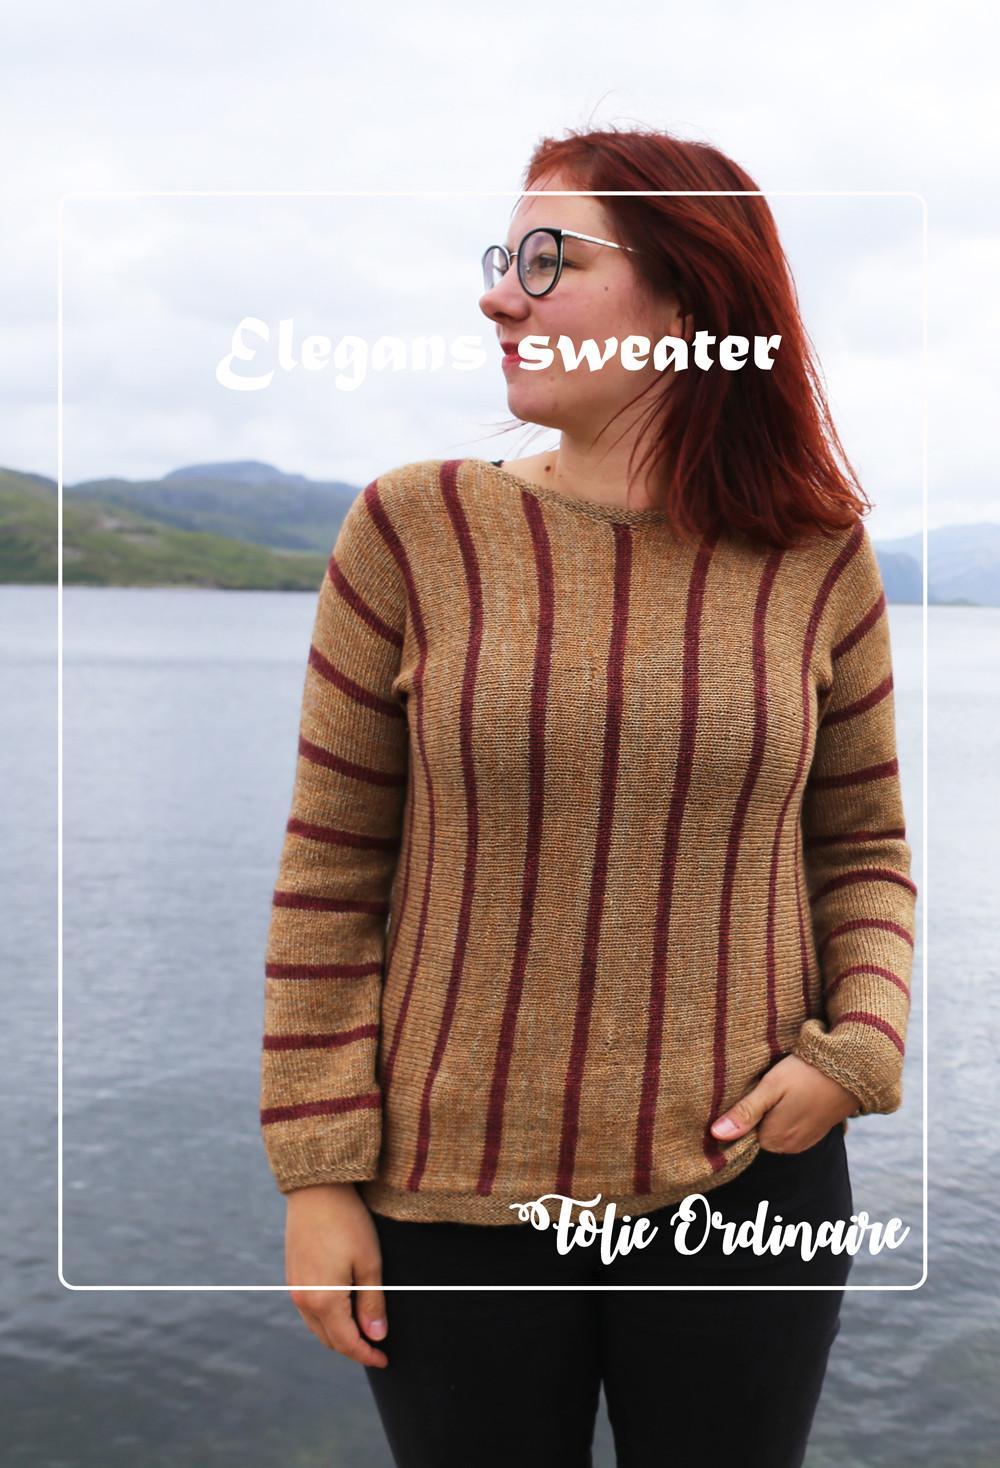 Pull mariniere Elegans - Tricot femme par Folie 0rdinaire Design